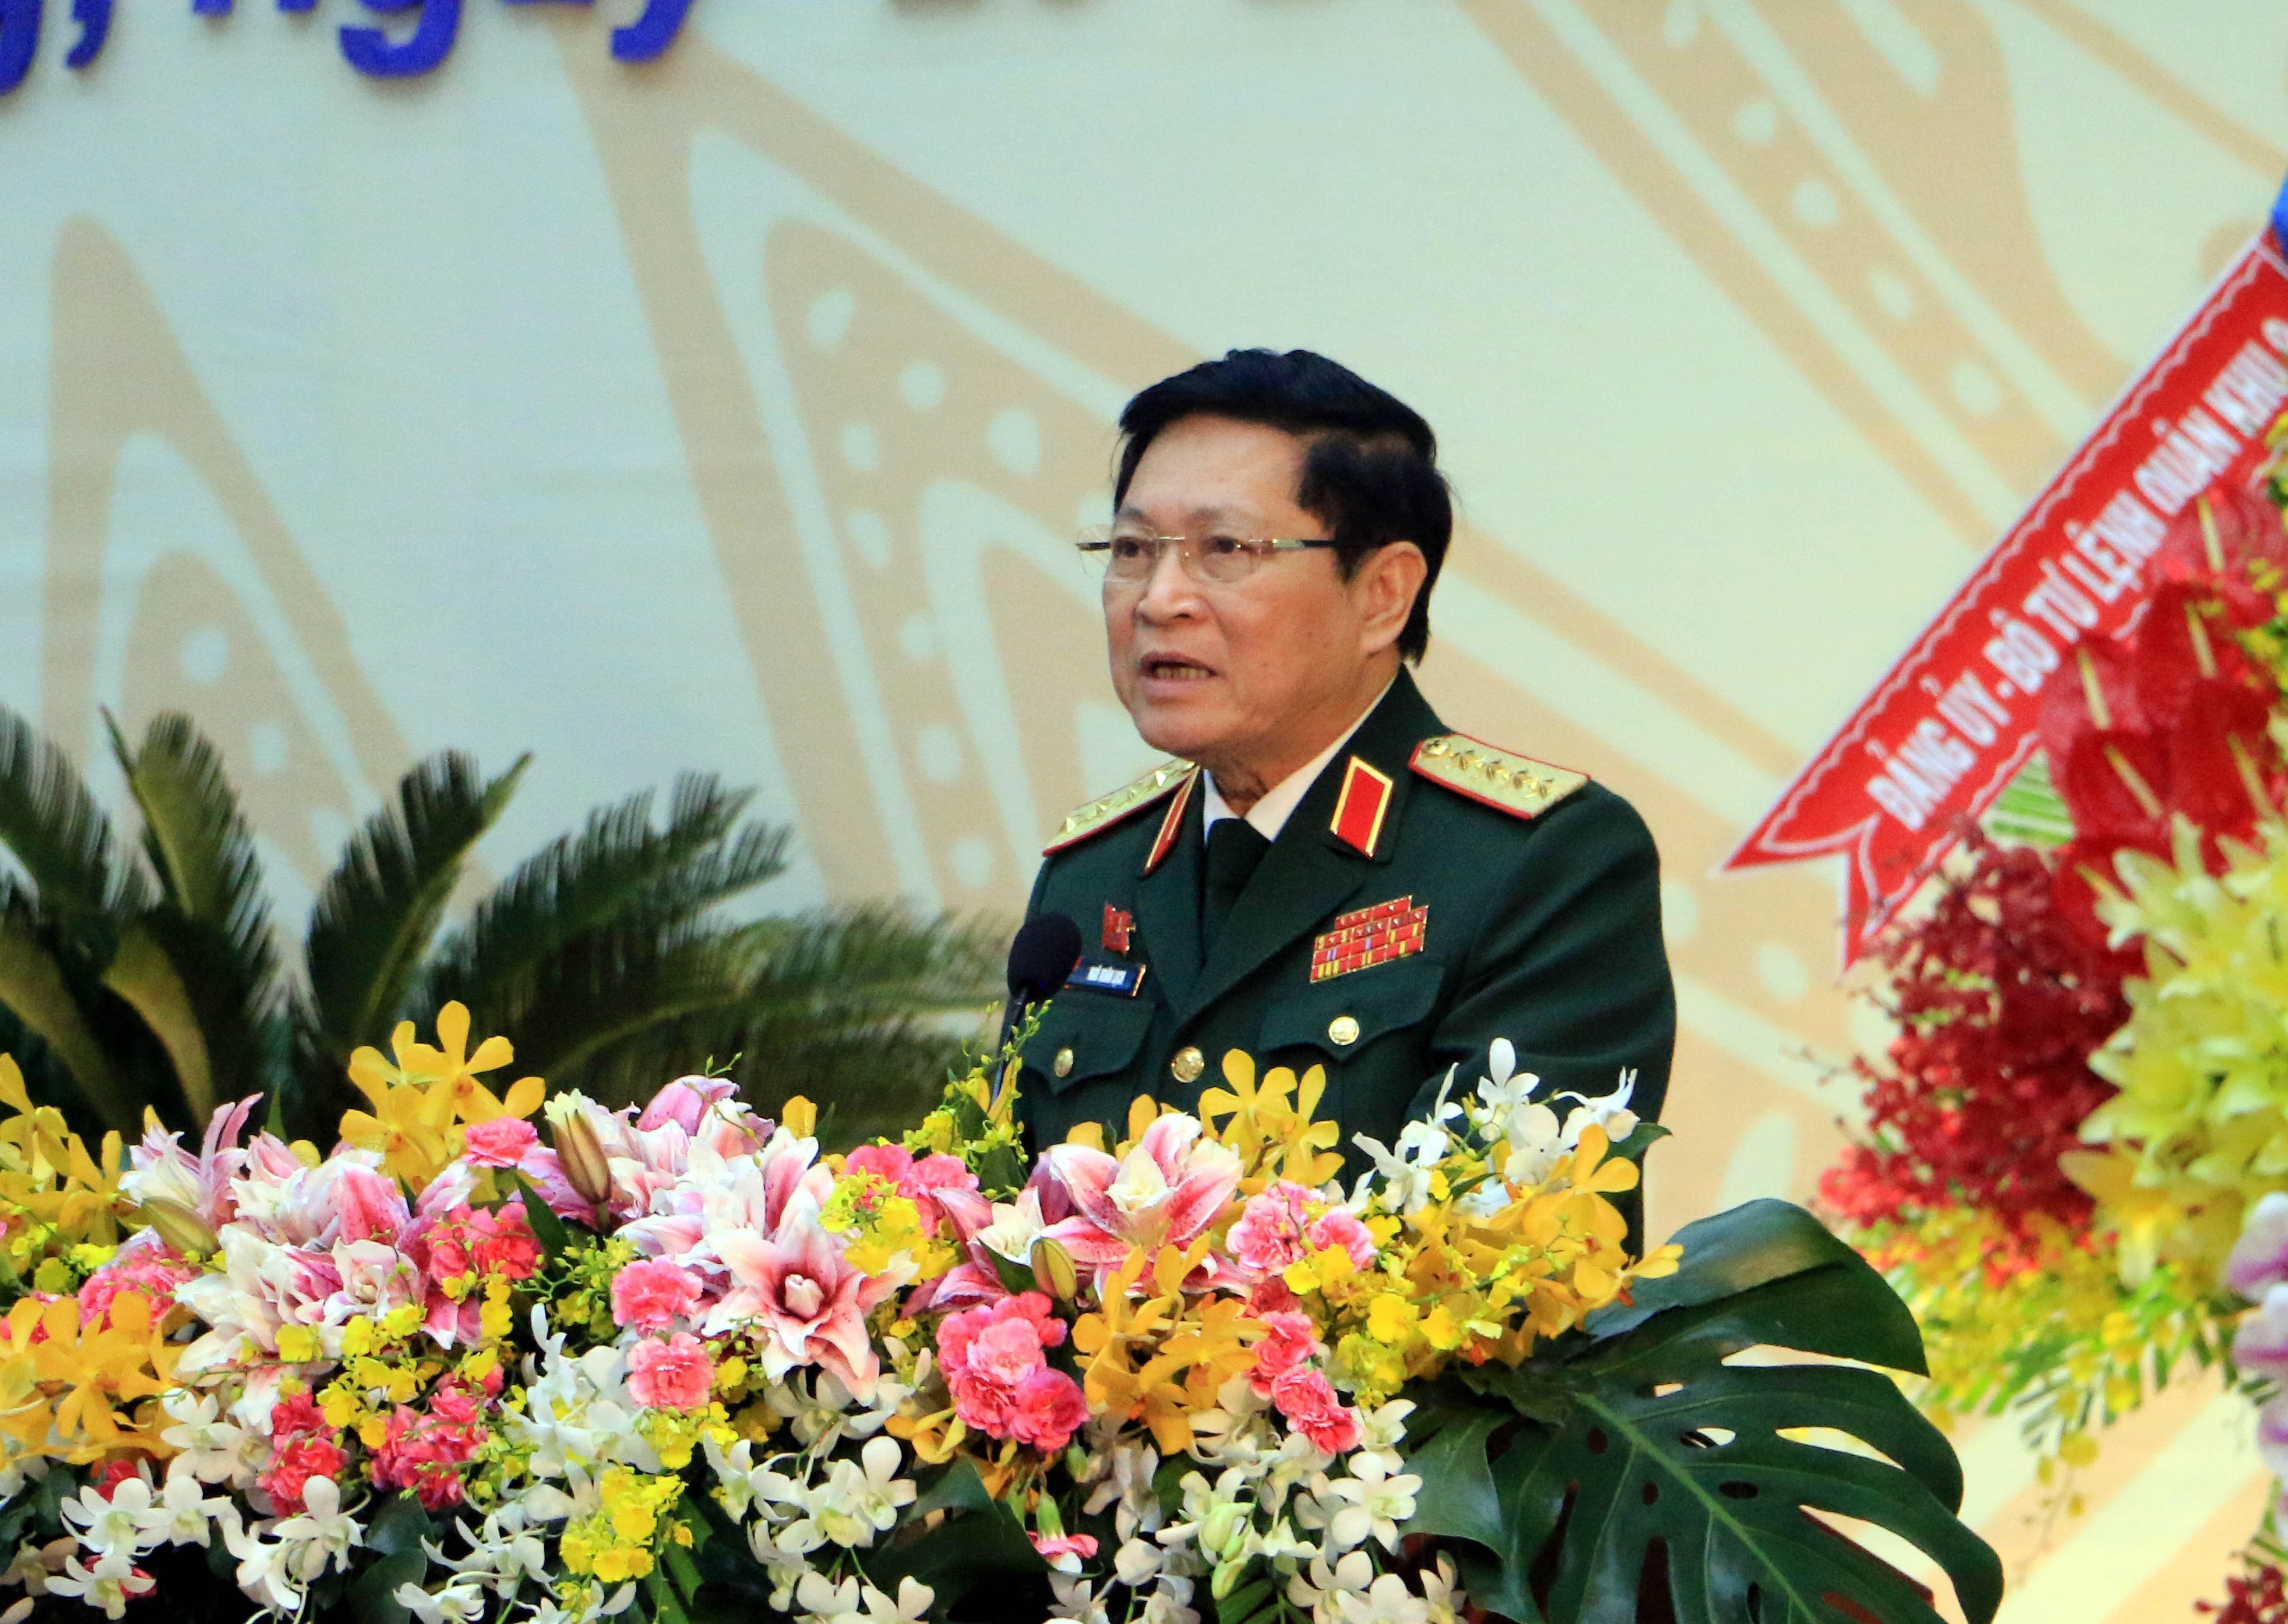 [Photo] Khai mac Dai hoi Dang bo tinh Vinh Long nhiem ky 2020-2025 hinh anh 9